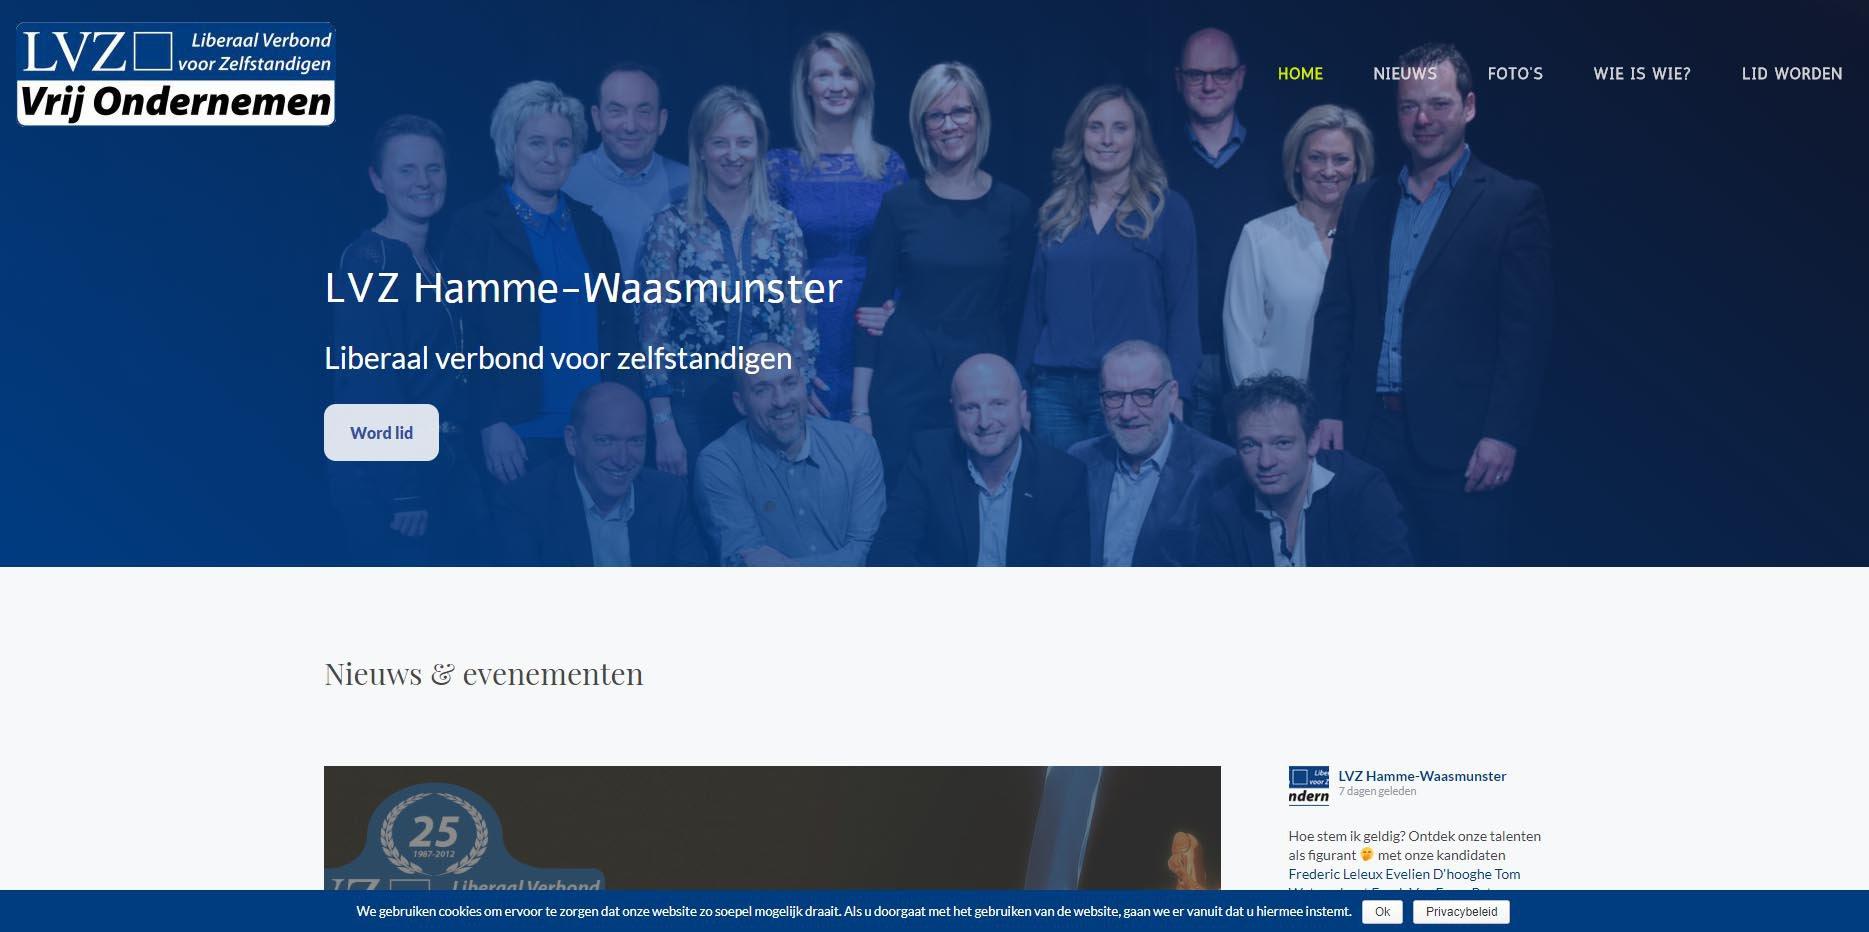 LVZ Hamme-Waasmunster